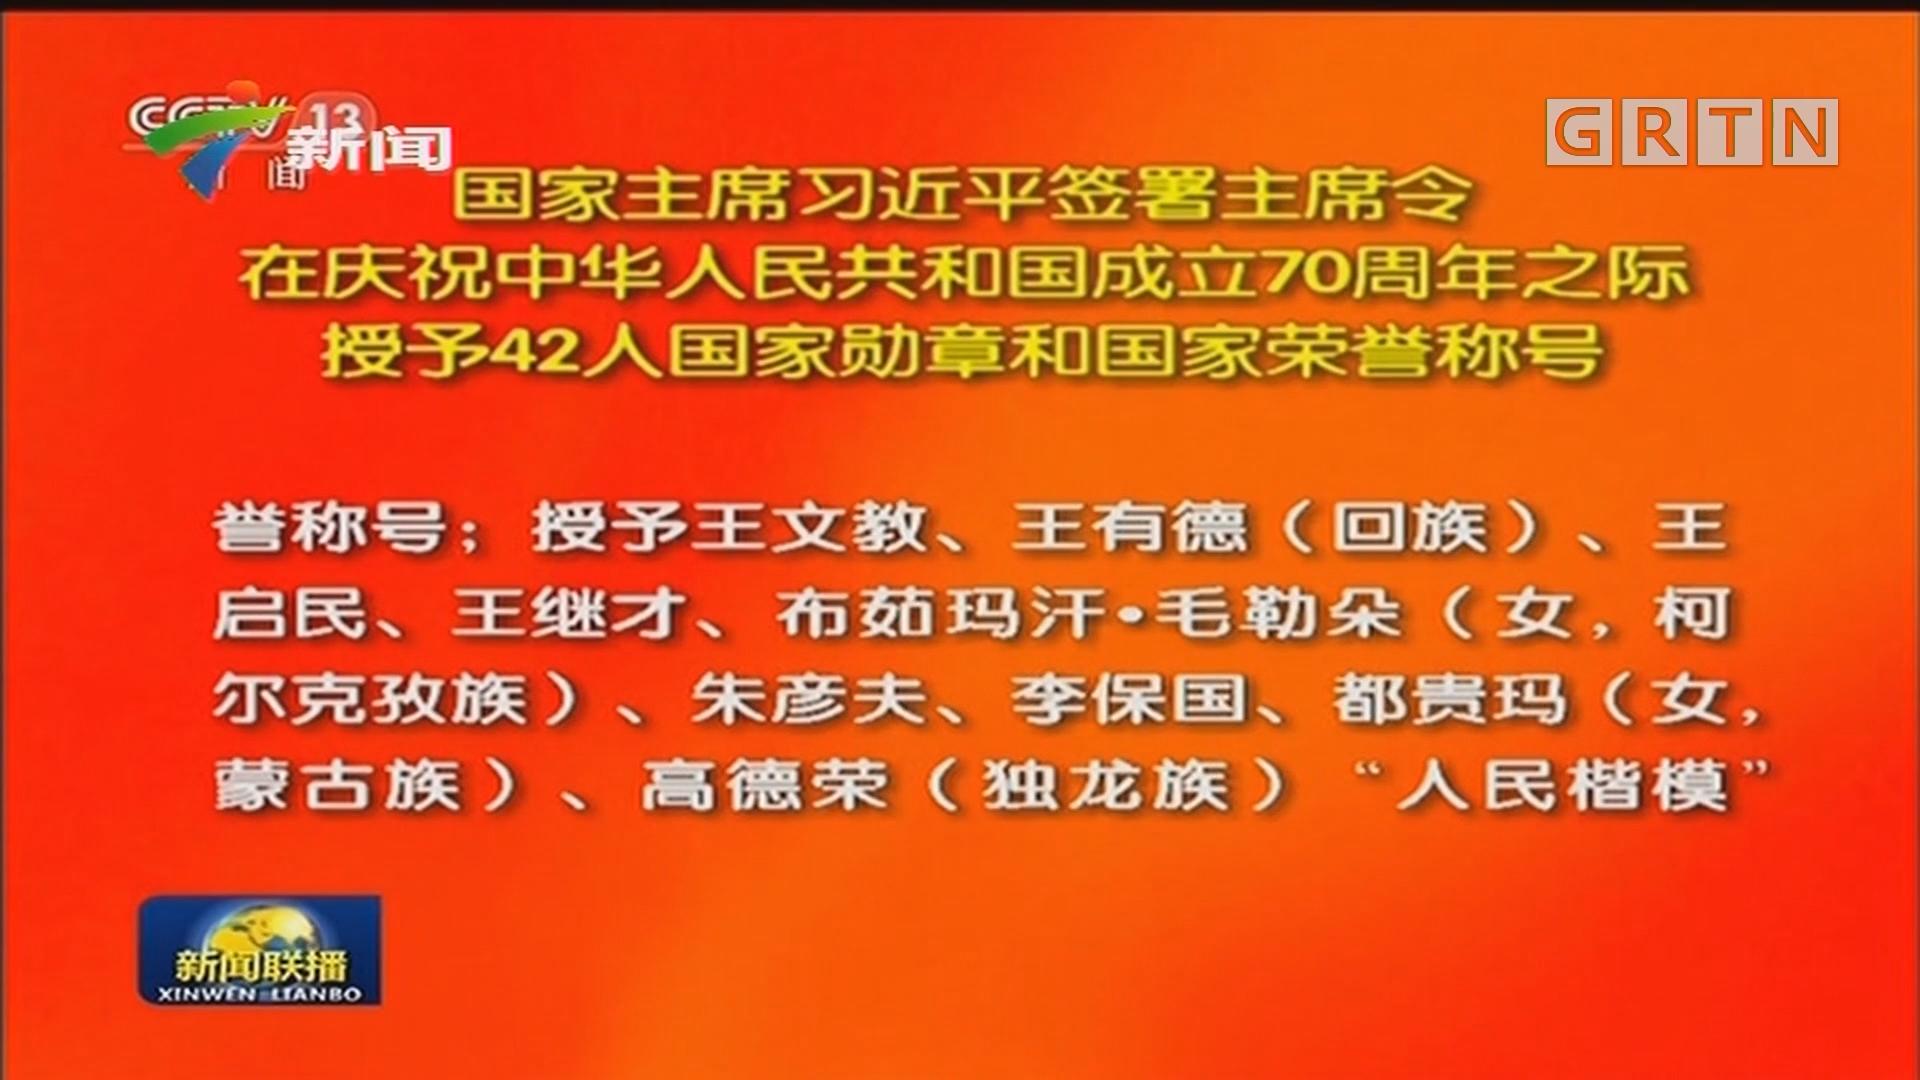 国家主席习近平签署主席令 在庆祝中华人民共和国成立70周年之际 授予42人国家勋章和国家荣誉称号